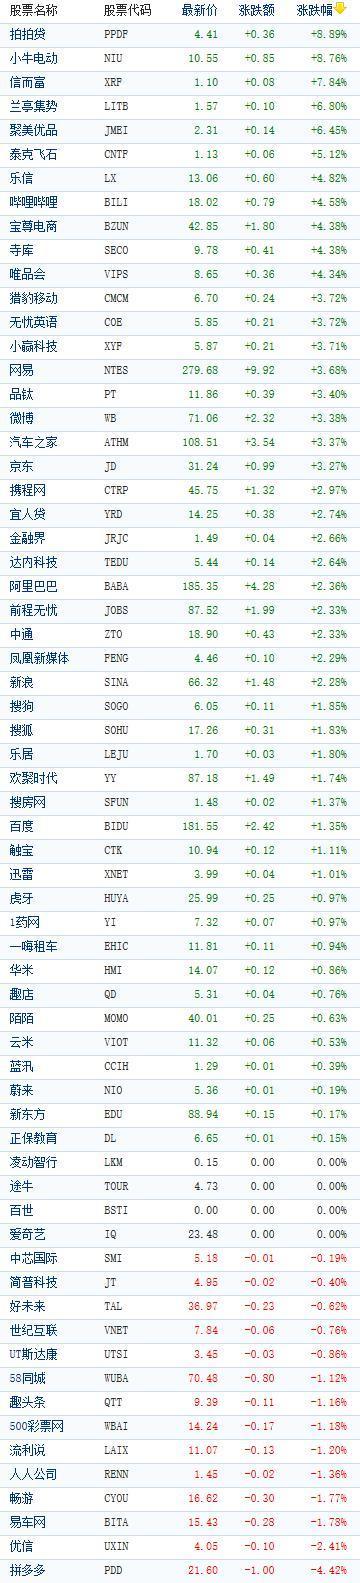 中国概念股周五收盘多数上涨 小牛电动涨近9%_小牛市一般能上涨多少